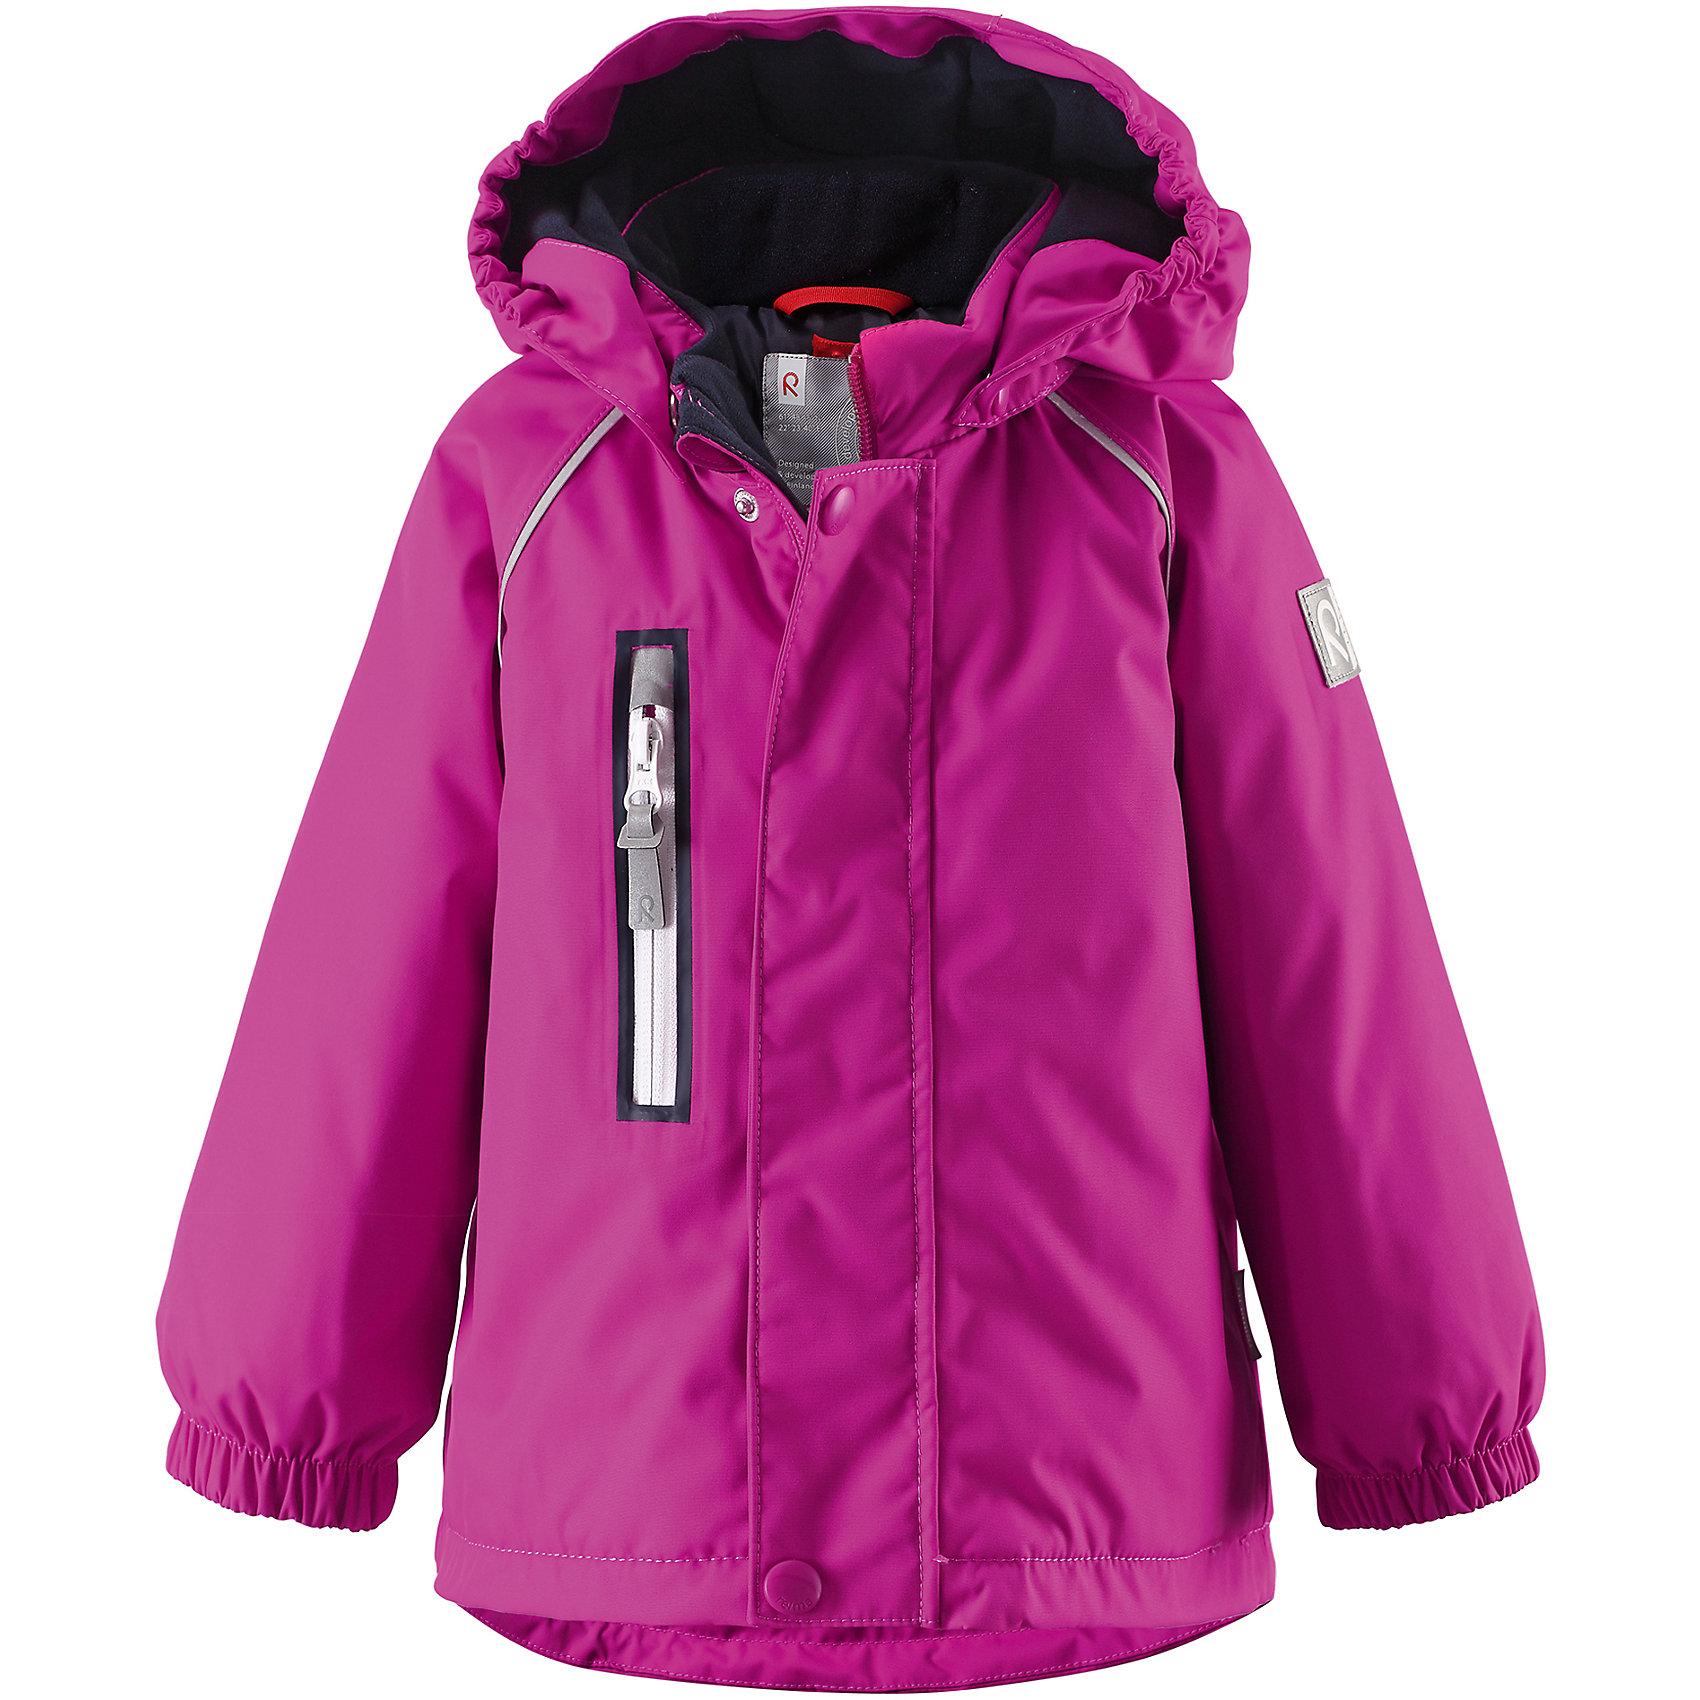 Куртка Pesue для девочки Reimatec® ReimaВерхняя одежда<br>Характеристики товара:<br><br>• цвет: фуксия<br>• состав: 100% полиэстер, полиуретановое покрытие<br>• температурный режим: 0° до -20° градусов<br>• утеплитель: Reima Comfort + 160 г<br>• водонепроницаемая мембрана: от 15000 мм<br>• основные швы проклеены<br>• съёмный капюшон<br>• молния<br>• светоотражающие детали<br>• «дышащий» материал<br>• ветро- водо- и грязеотталкивающий материал<br>• кнопки Reima® Play Layers <br>• карманы<br>• комфортная посадка<br>• страна производства: Китай<br>• страна бренда: Финляндия<br><br>Верхняя одежда для детей может быть модной и комфортной одновременно! Эти зимняя куртка поможет обеспечить ребенку комфорт и тепло. Она отлично смотрится с различной одеждой и обувью. Изделие удобно сидит и модно выглядит. Стильный дизайн разрабатывался специально для детей. Отличный вариант для активного отдыха зимой!<br><br>Одежда и обувь от финского бренда Reima пользуется популярностью во многих странах. Эти изделия стильные, качественные и удобные. Для производства продукции используются только безопасные, проверенные материалы и фурнитура. Порадуйте ребенка модными и красивыми вещами от Reima! <br><br>Куртку Pesue для девочки от финского бренда Reimatec® Reima (Рейма) можно купить в нашем интернет-магазине.<br><br>Ширина мм: 356<br>Глубина мм: 10<br>Высота мм: 245<br>Вес г: 519<br>Цвет: розовый<br>Возраст от месяцев: 12<br>Возраст до месяцев: 15<br>Пол: Унисекс<br>Возраст: Детский<br>Размер: 80,92,98,86<br>SKU: 5415430